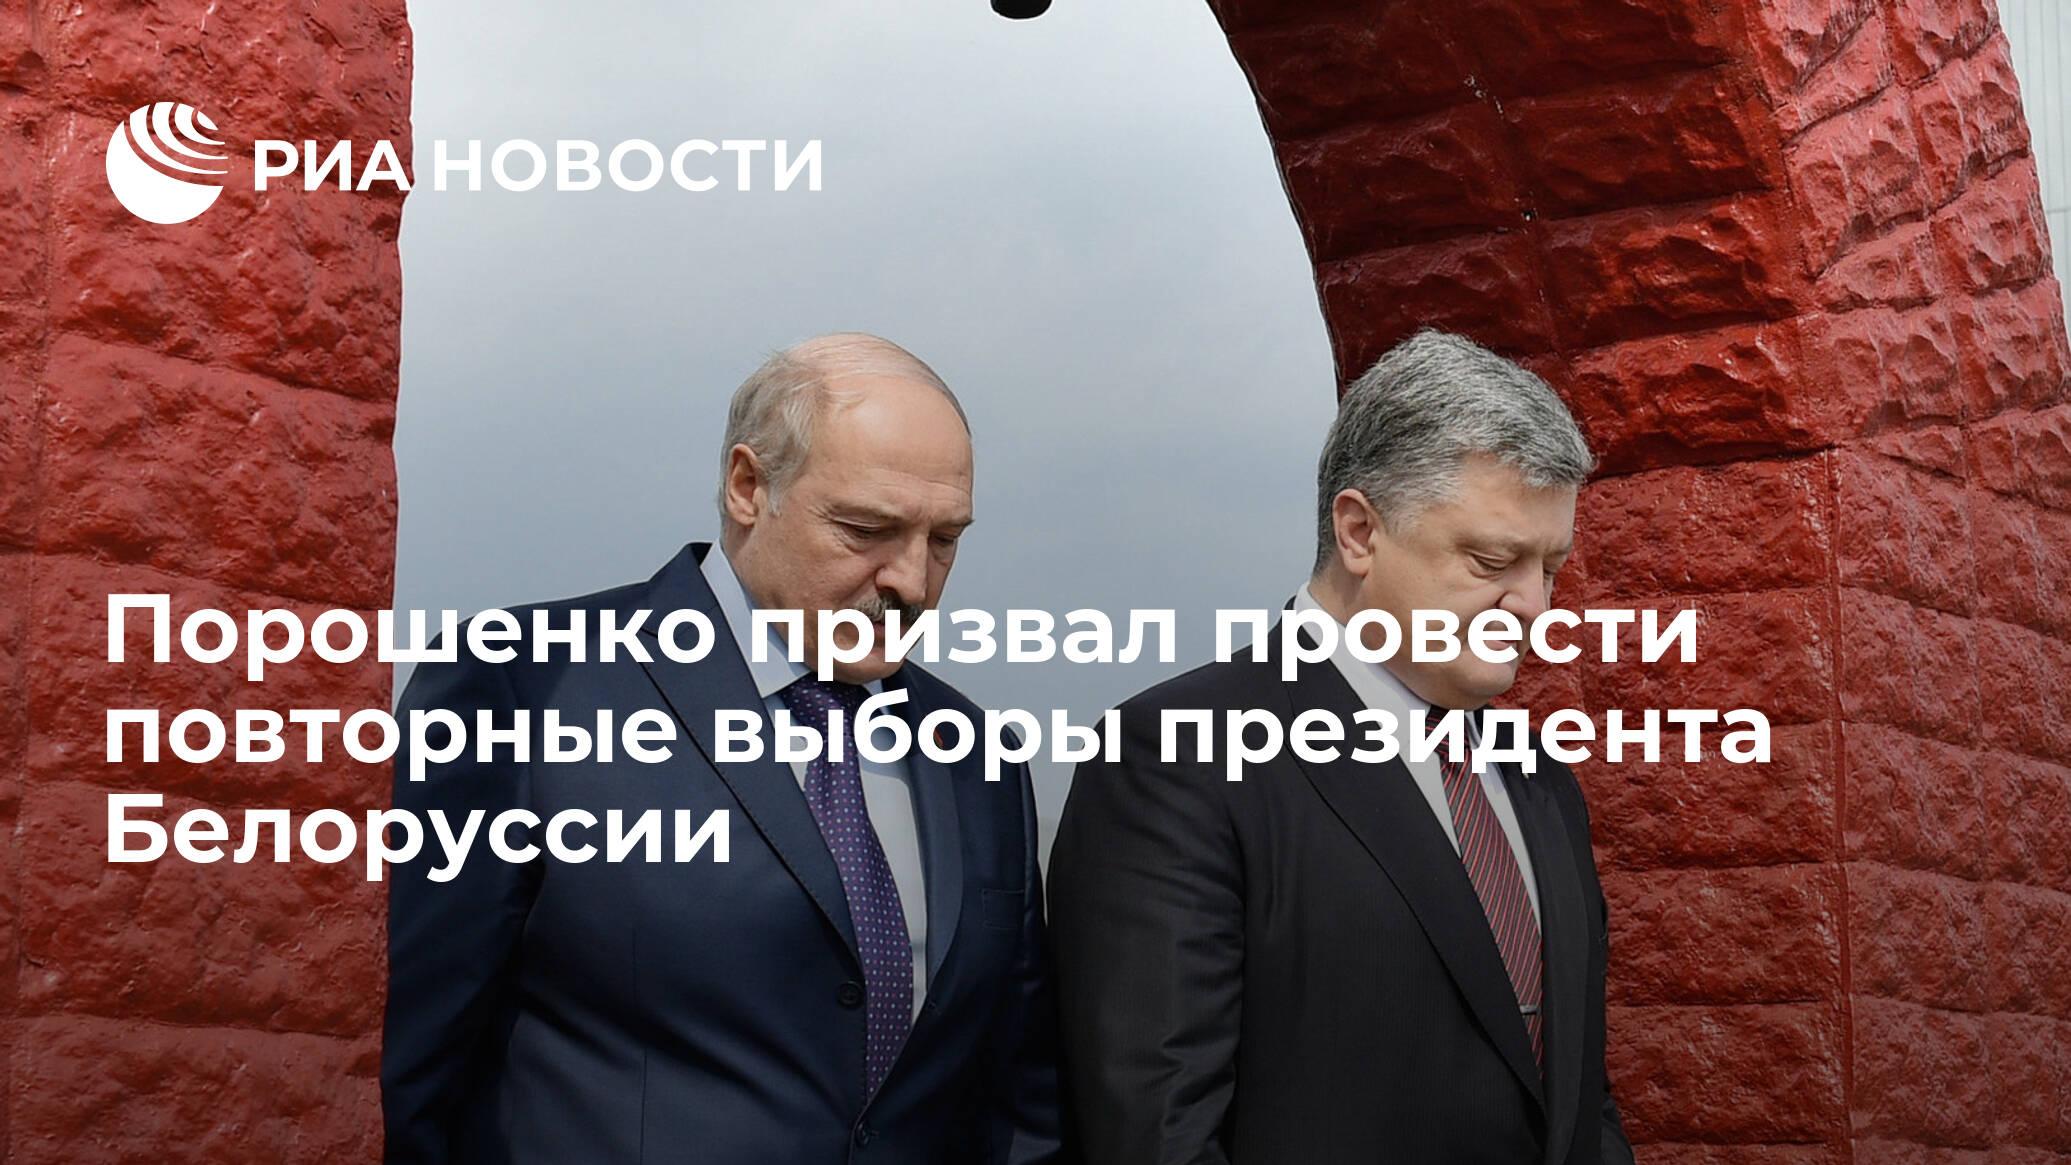 Порошенко призвал провести повторные выборы президента Белоруссии